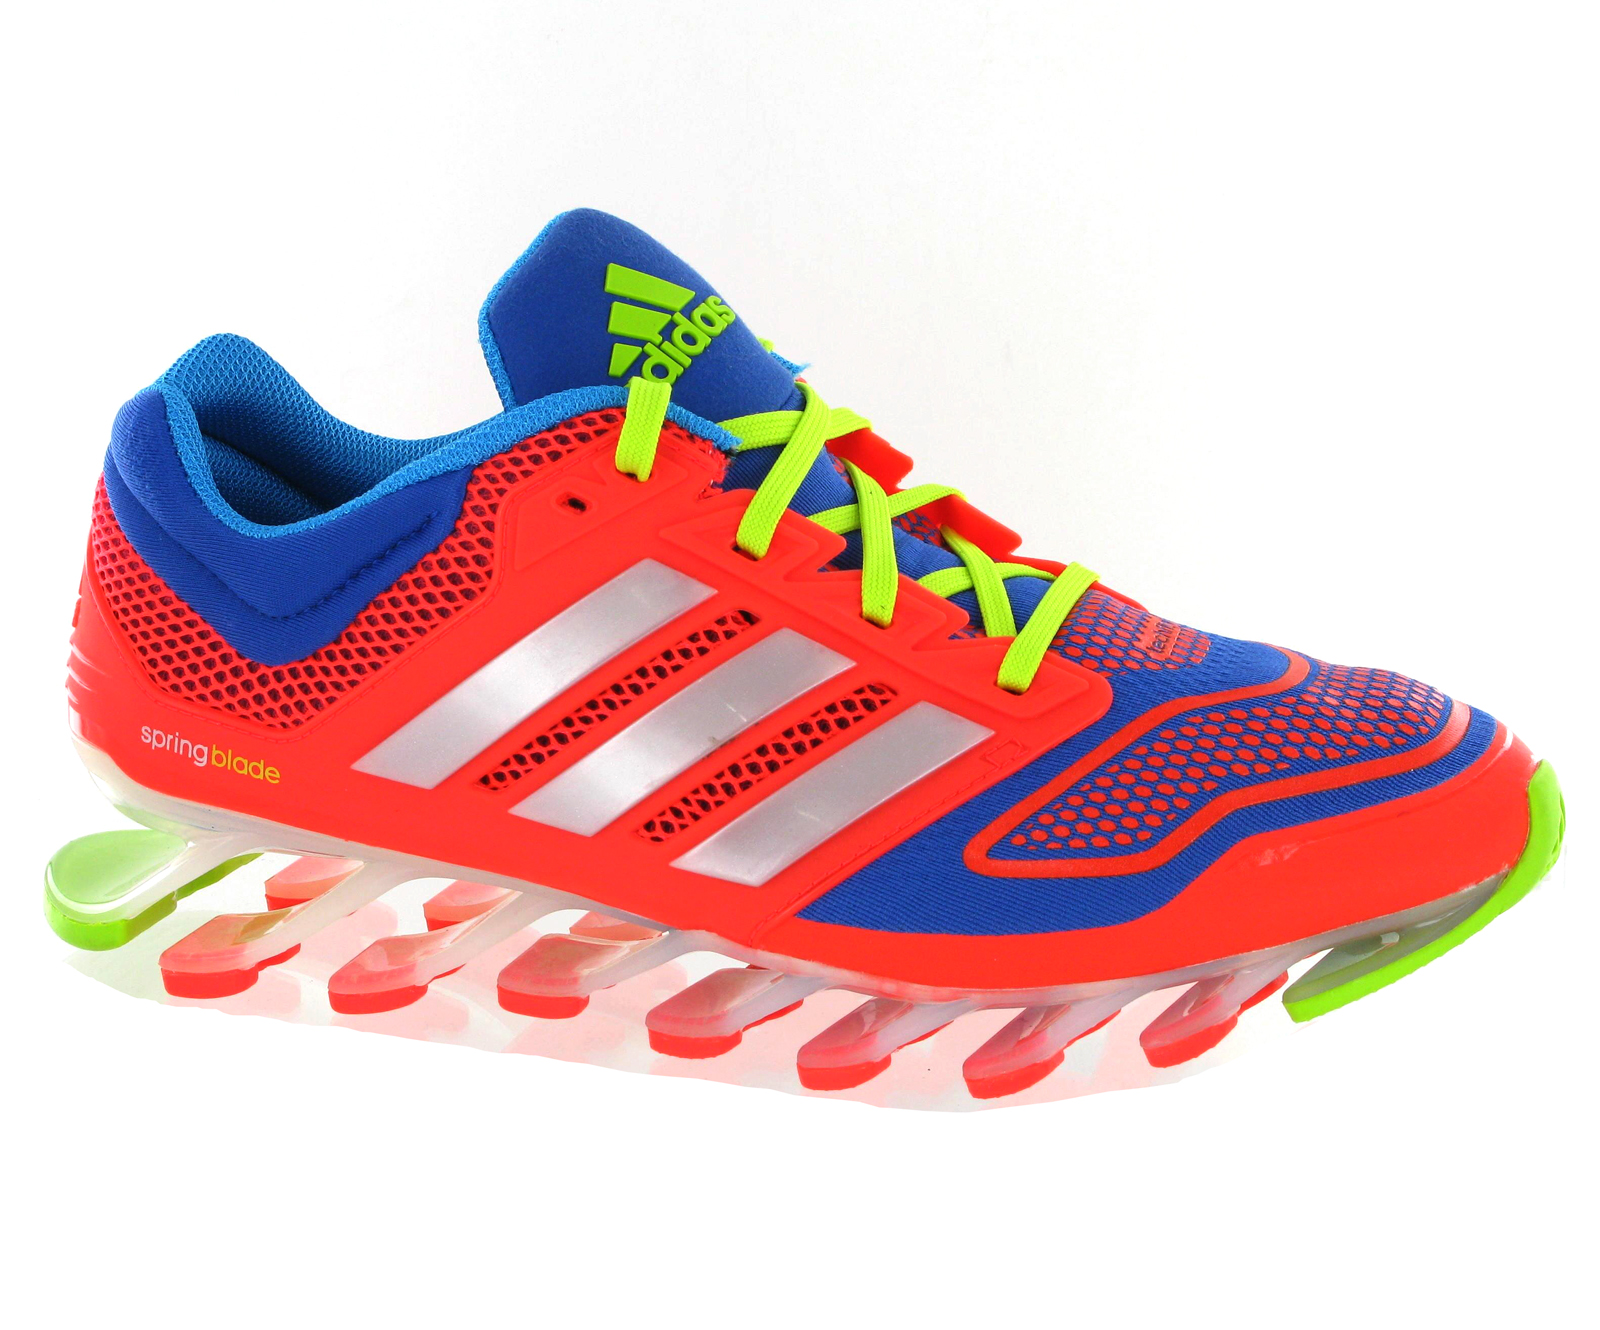 Adidas Techfit Shoes Blue